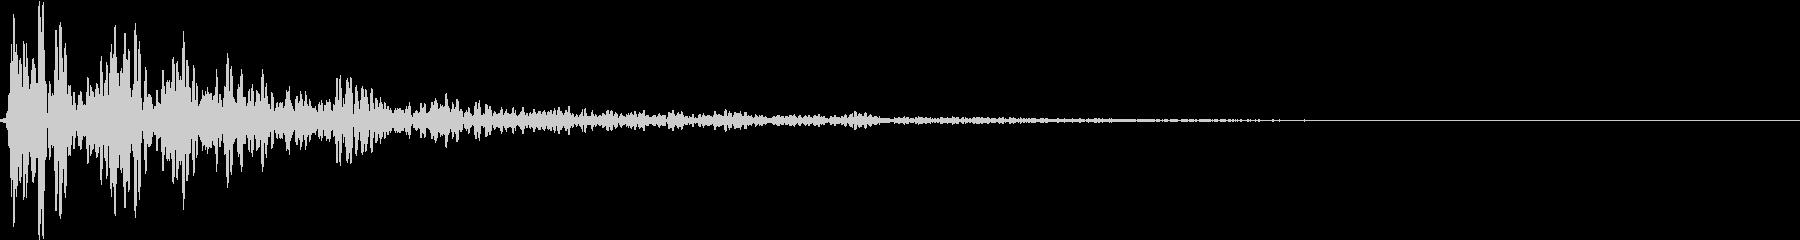 どん:地鳴り・迫力・オープニングホラーgの未再生の波形